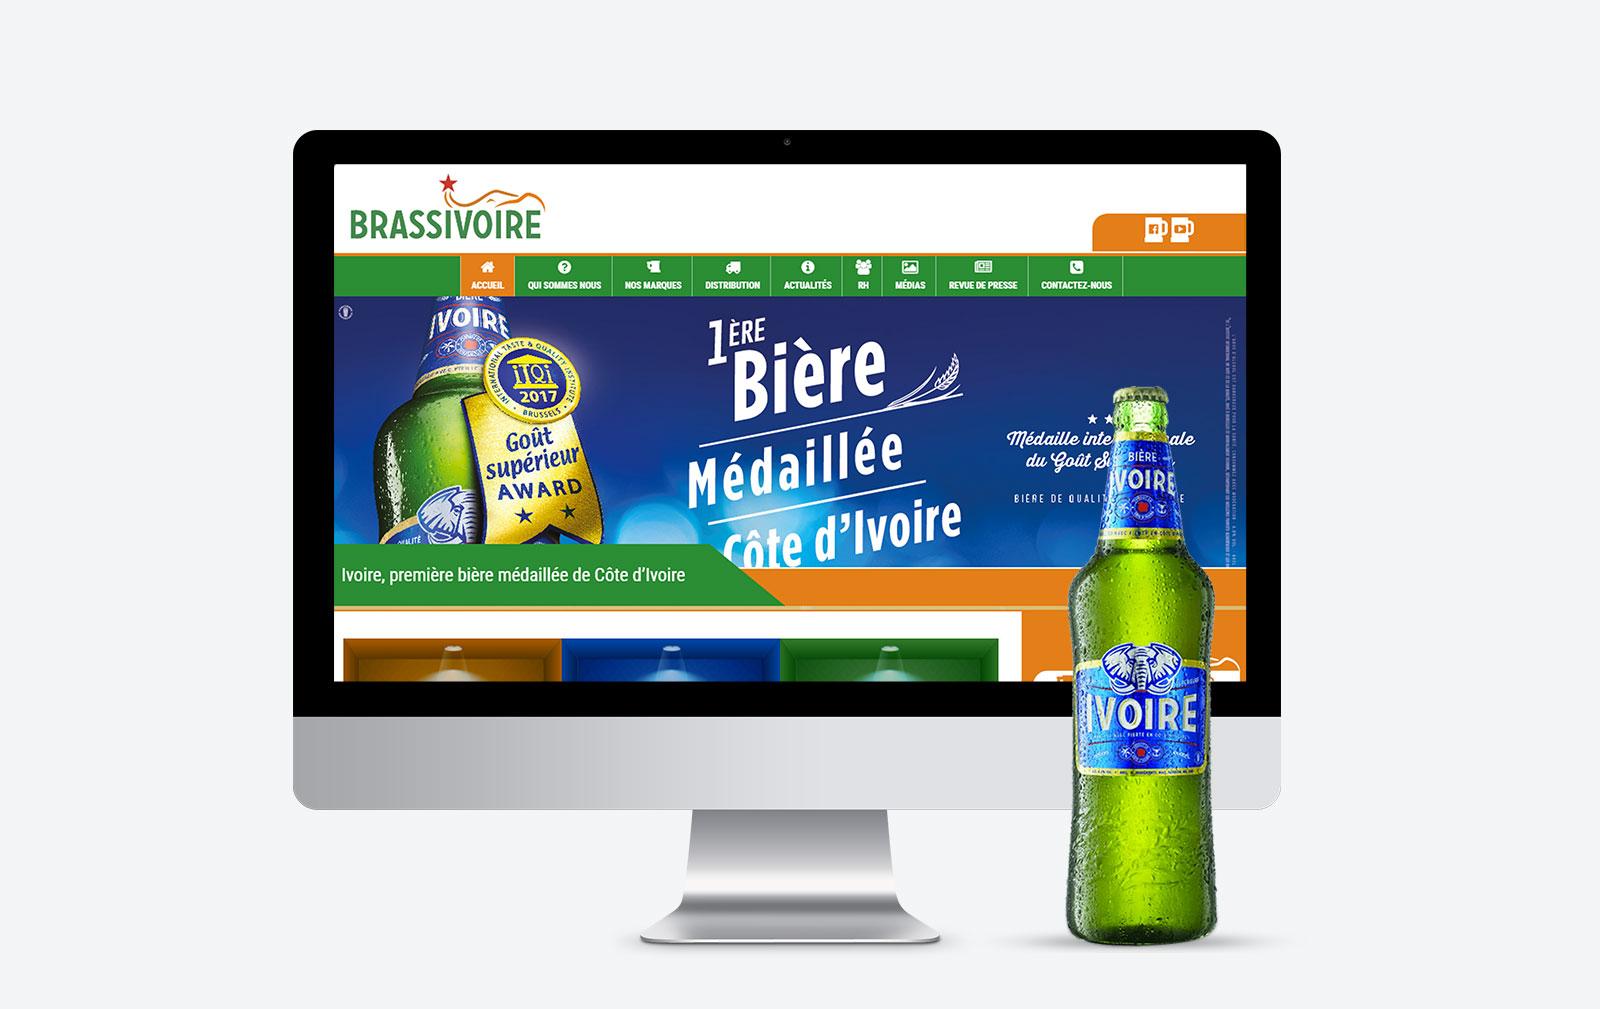 Brassivoire Ivoire